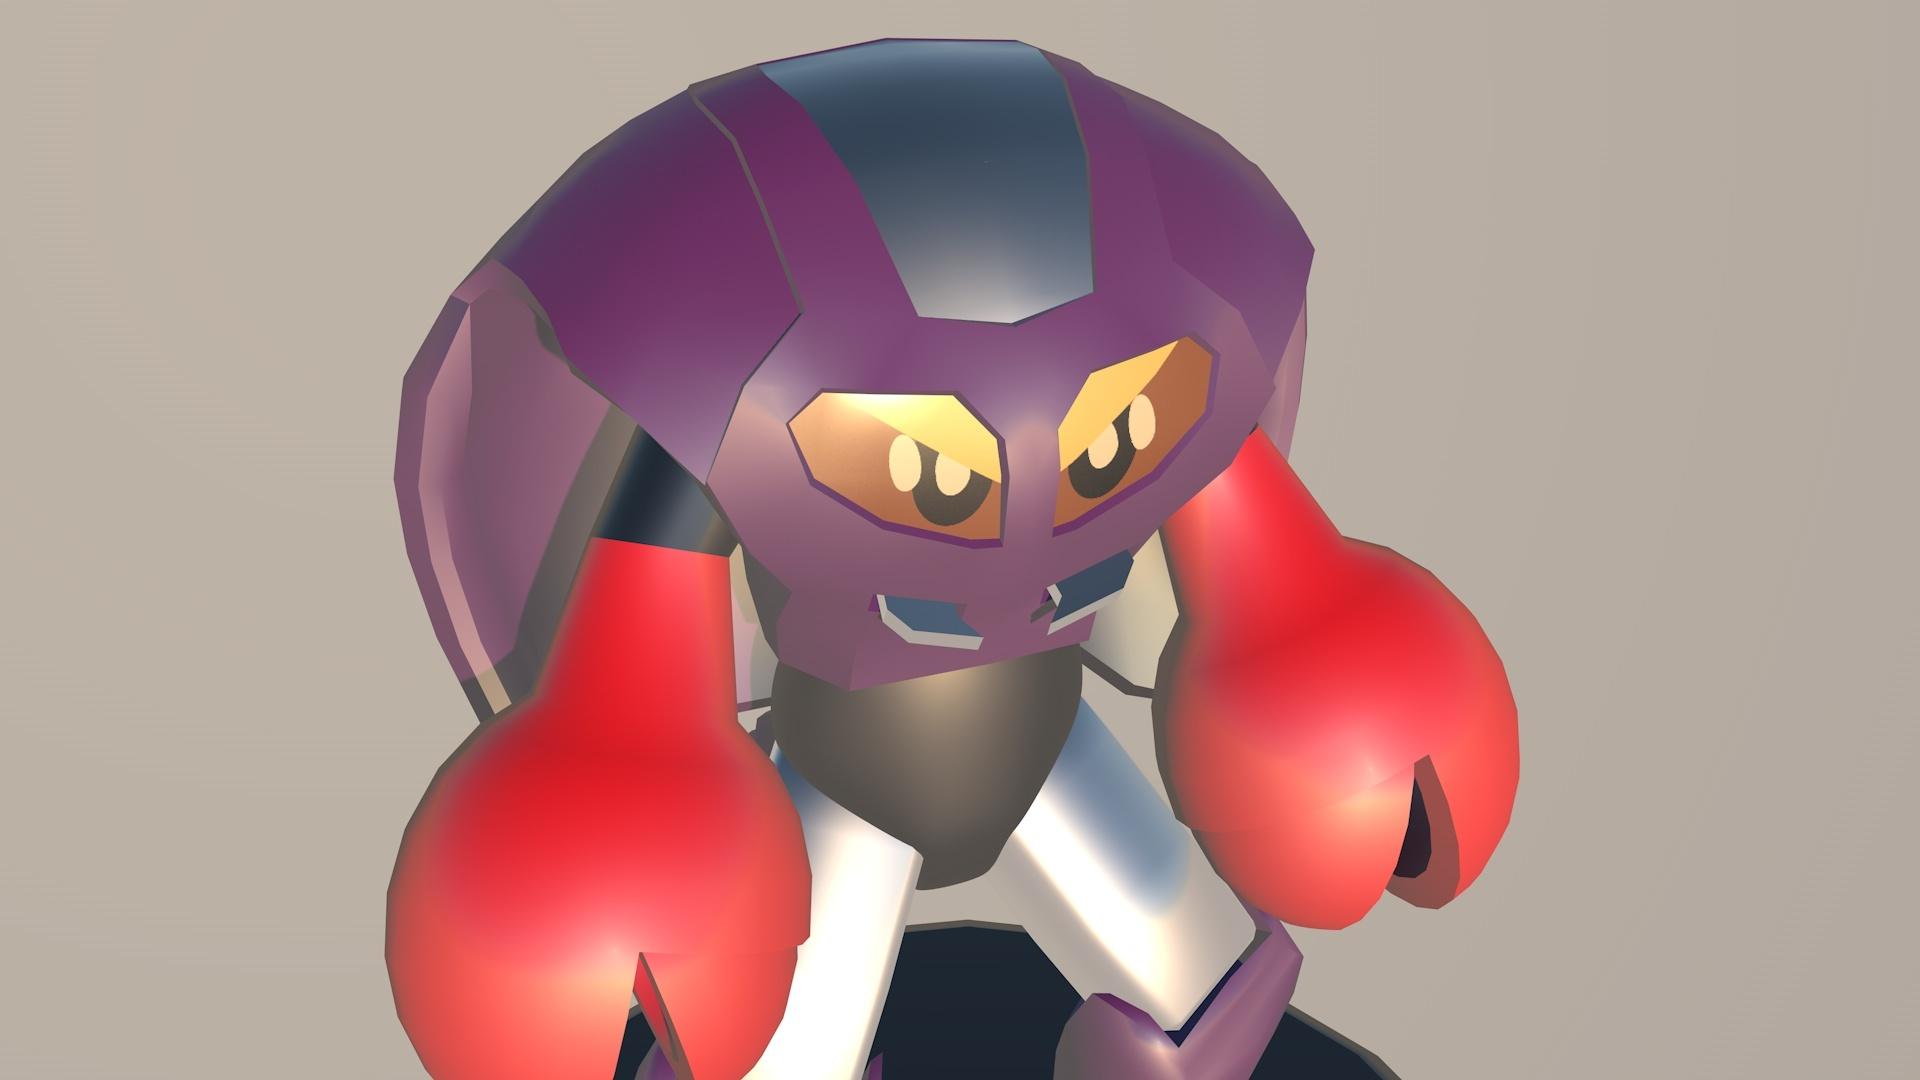 如来小宝系列04---爱过招的蝎子莱莱|三维|铁甲掌喝酒神动画表情包图片